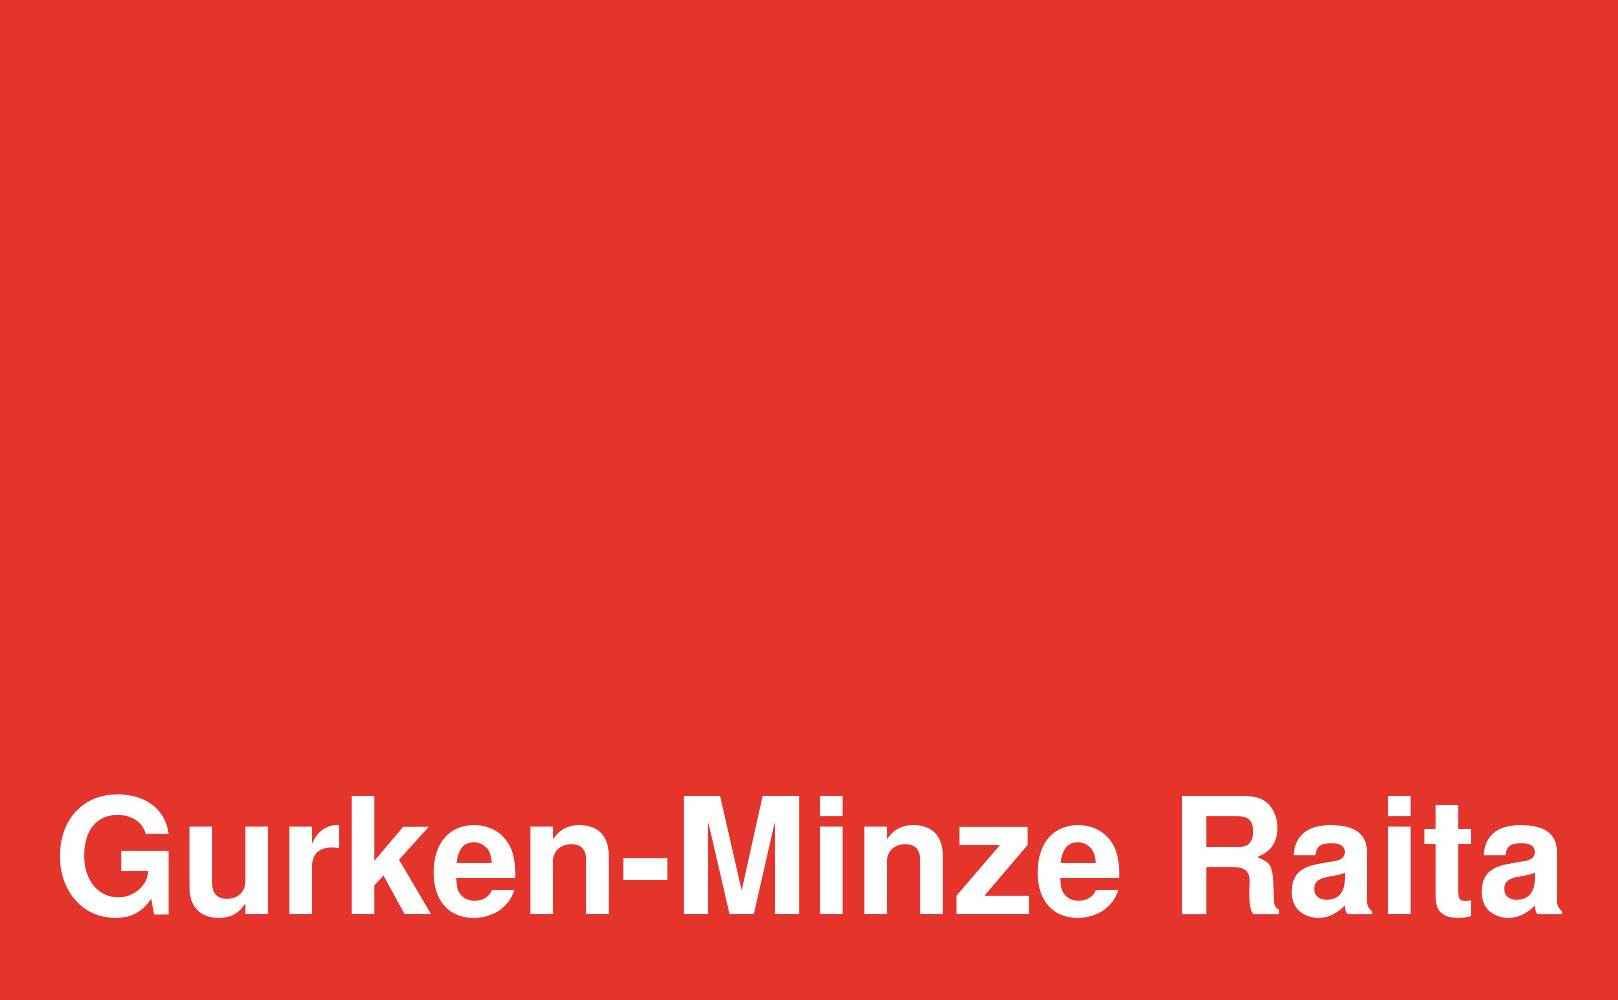 Gurken-Minze Raita